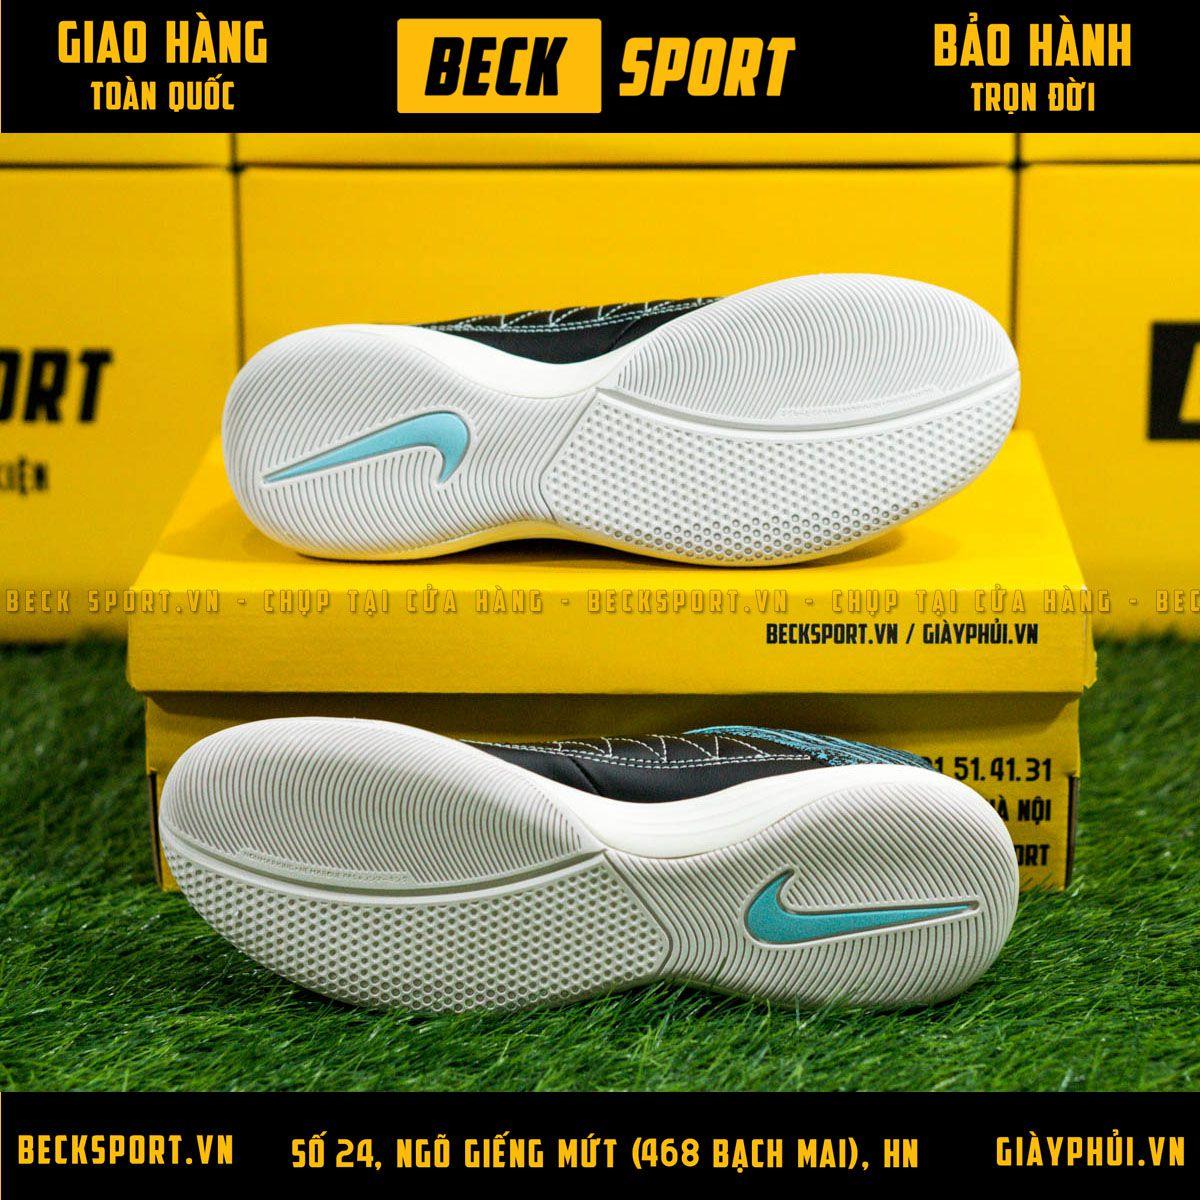 Giày Bóng Đá Nike Lunar Gato II Đen Gót Xanh Ngọc Đế Trắng IC